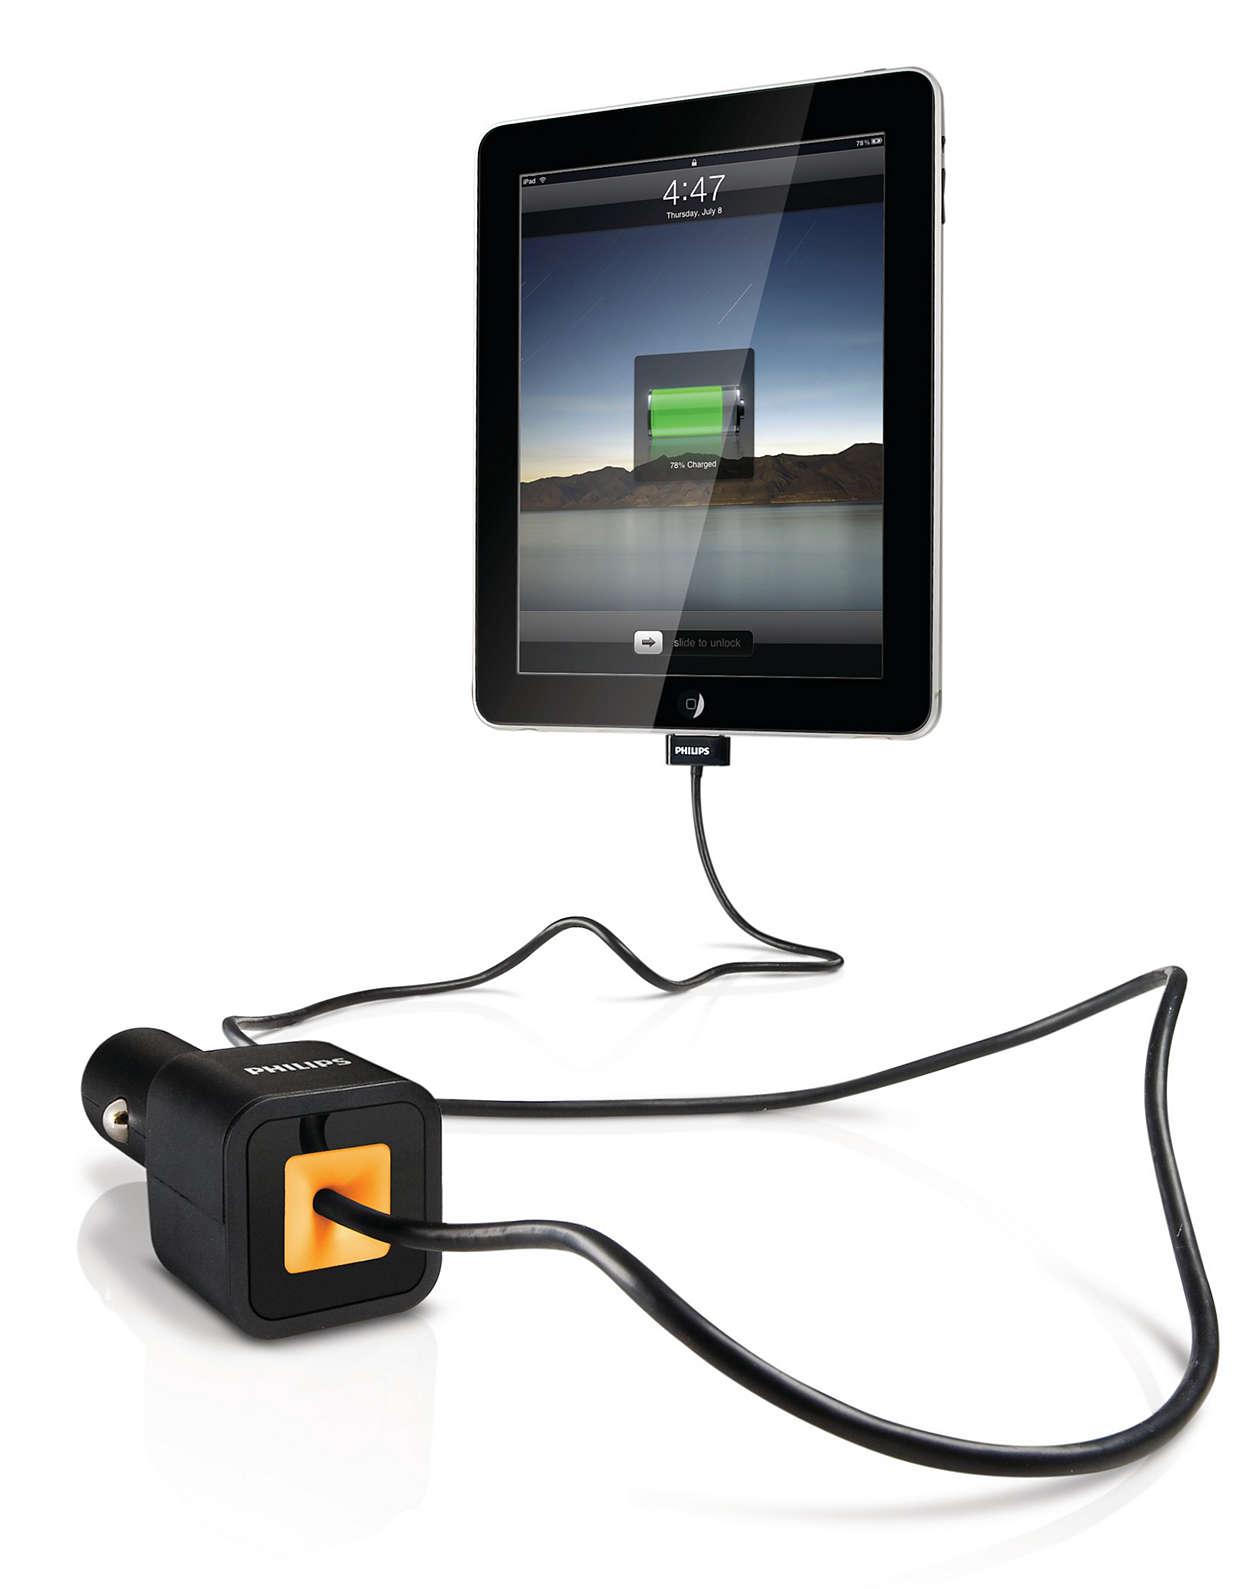 Rechargez votre iPad, iPhone ou iPod en voiture